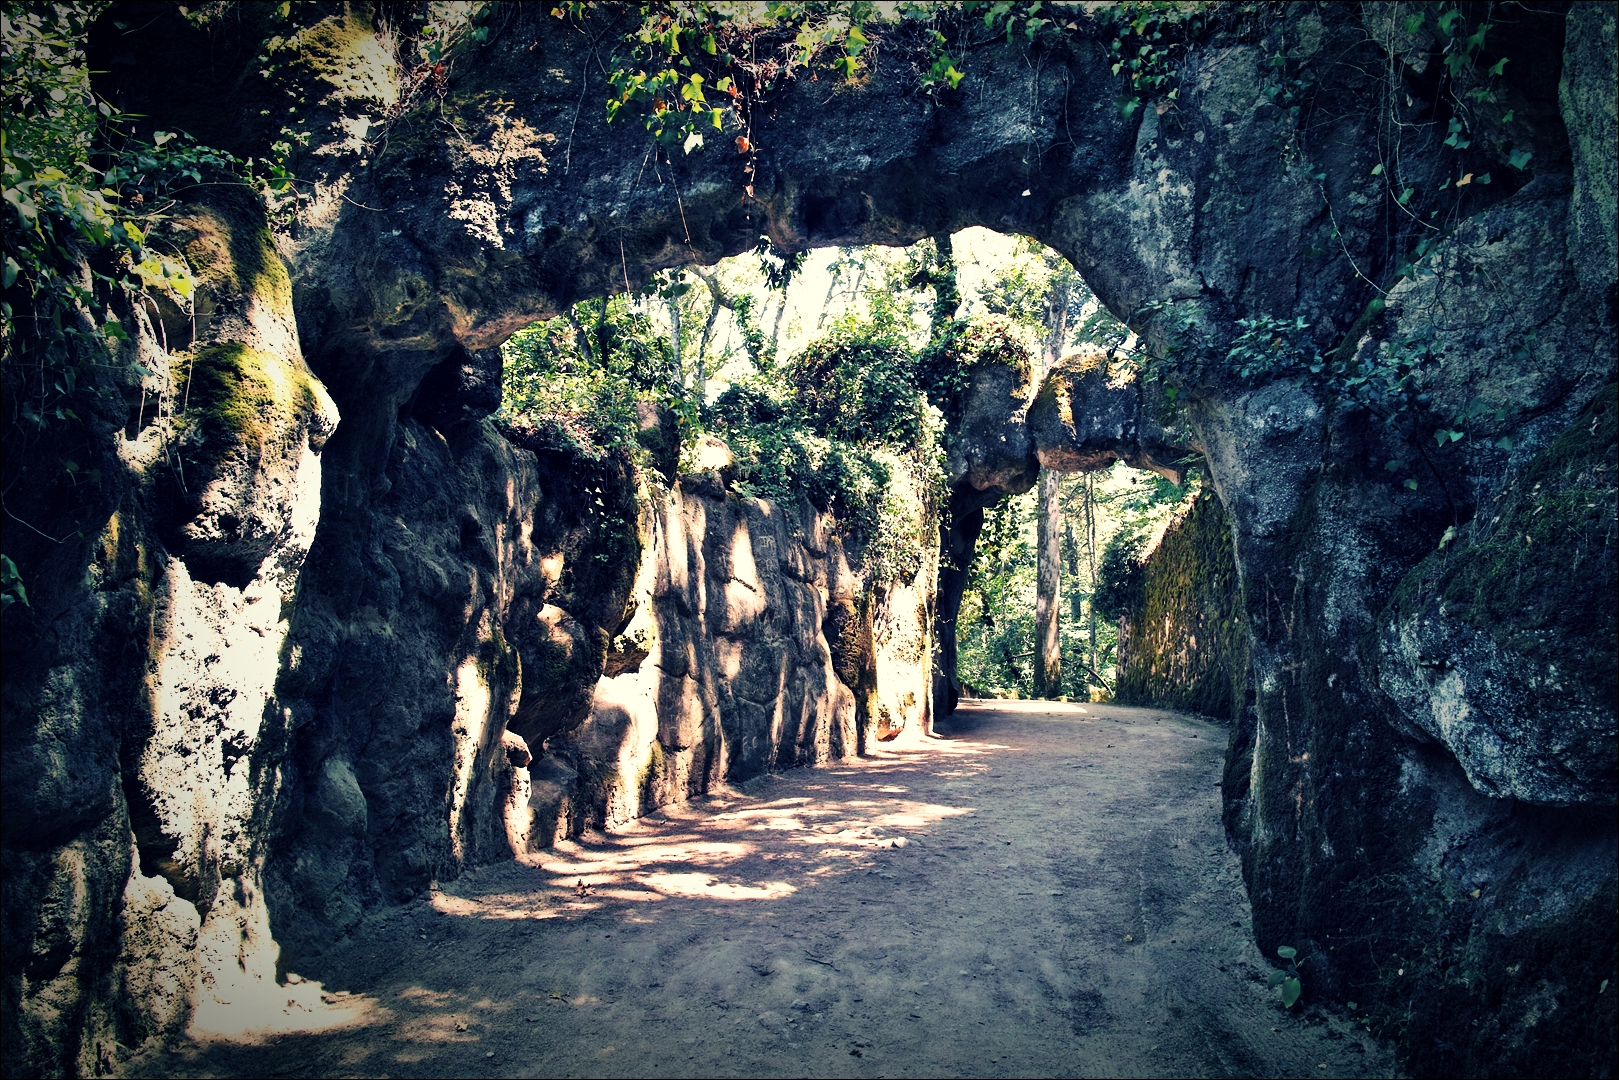 산책로-'헤갈레이라 별장(Quinta da regaleira)'